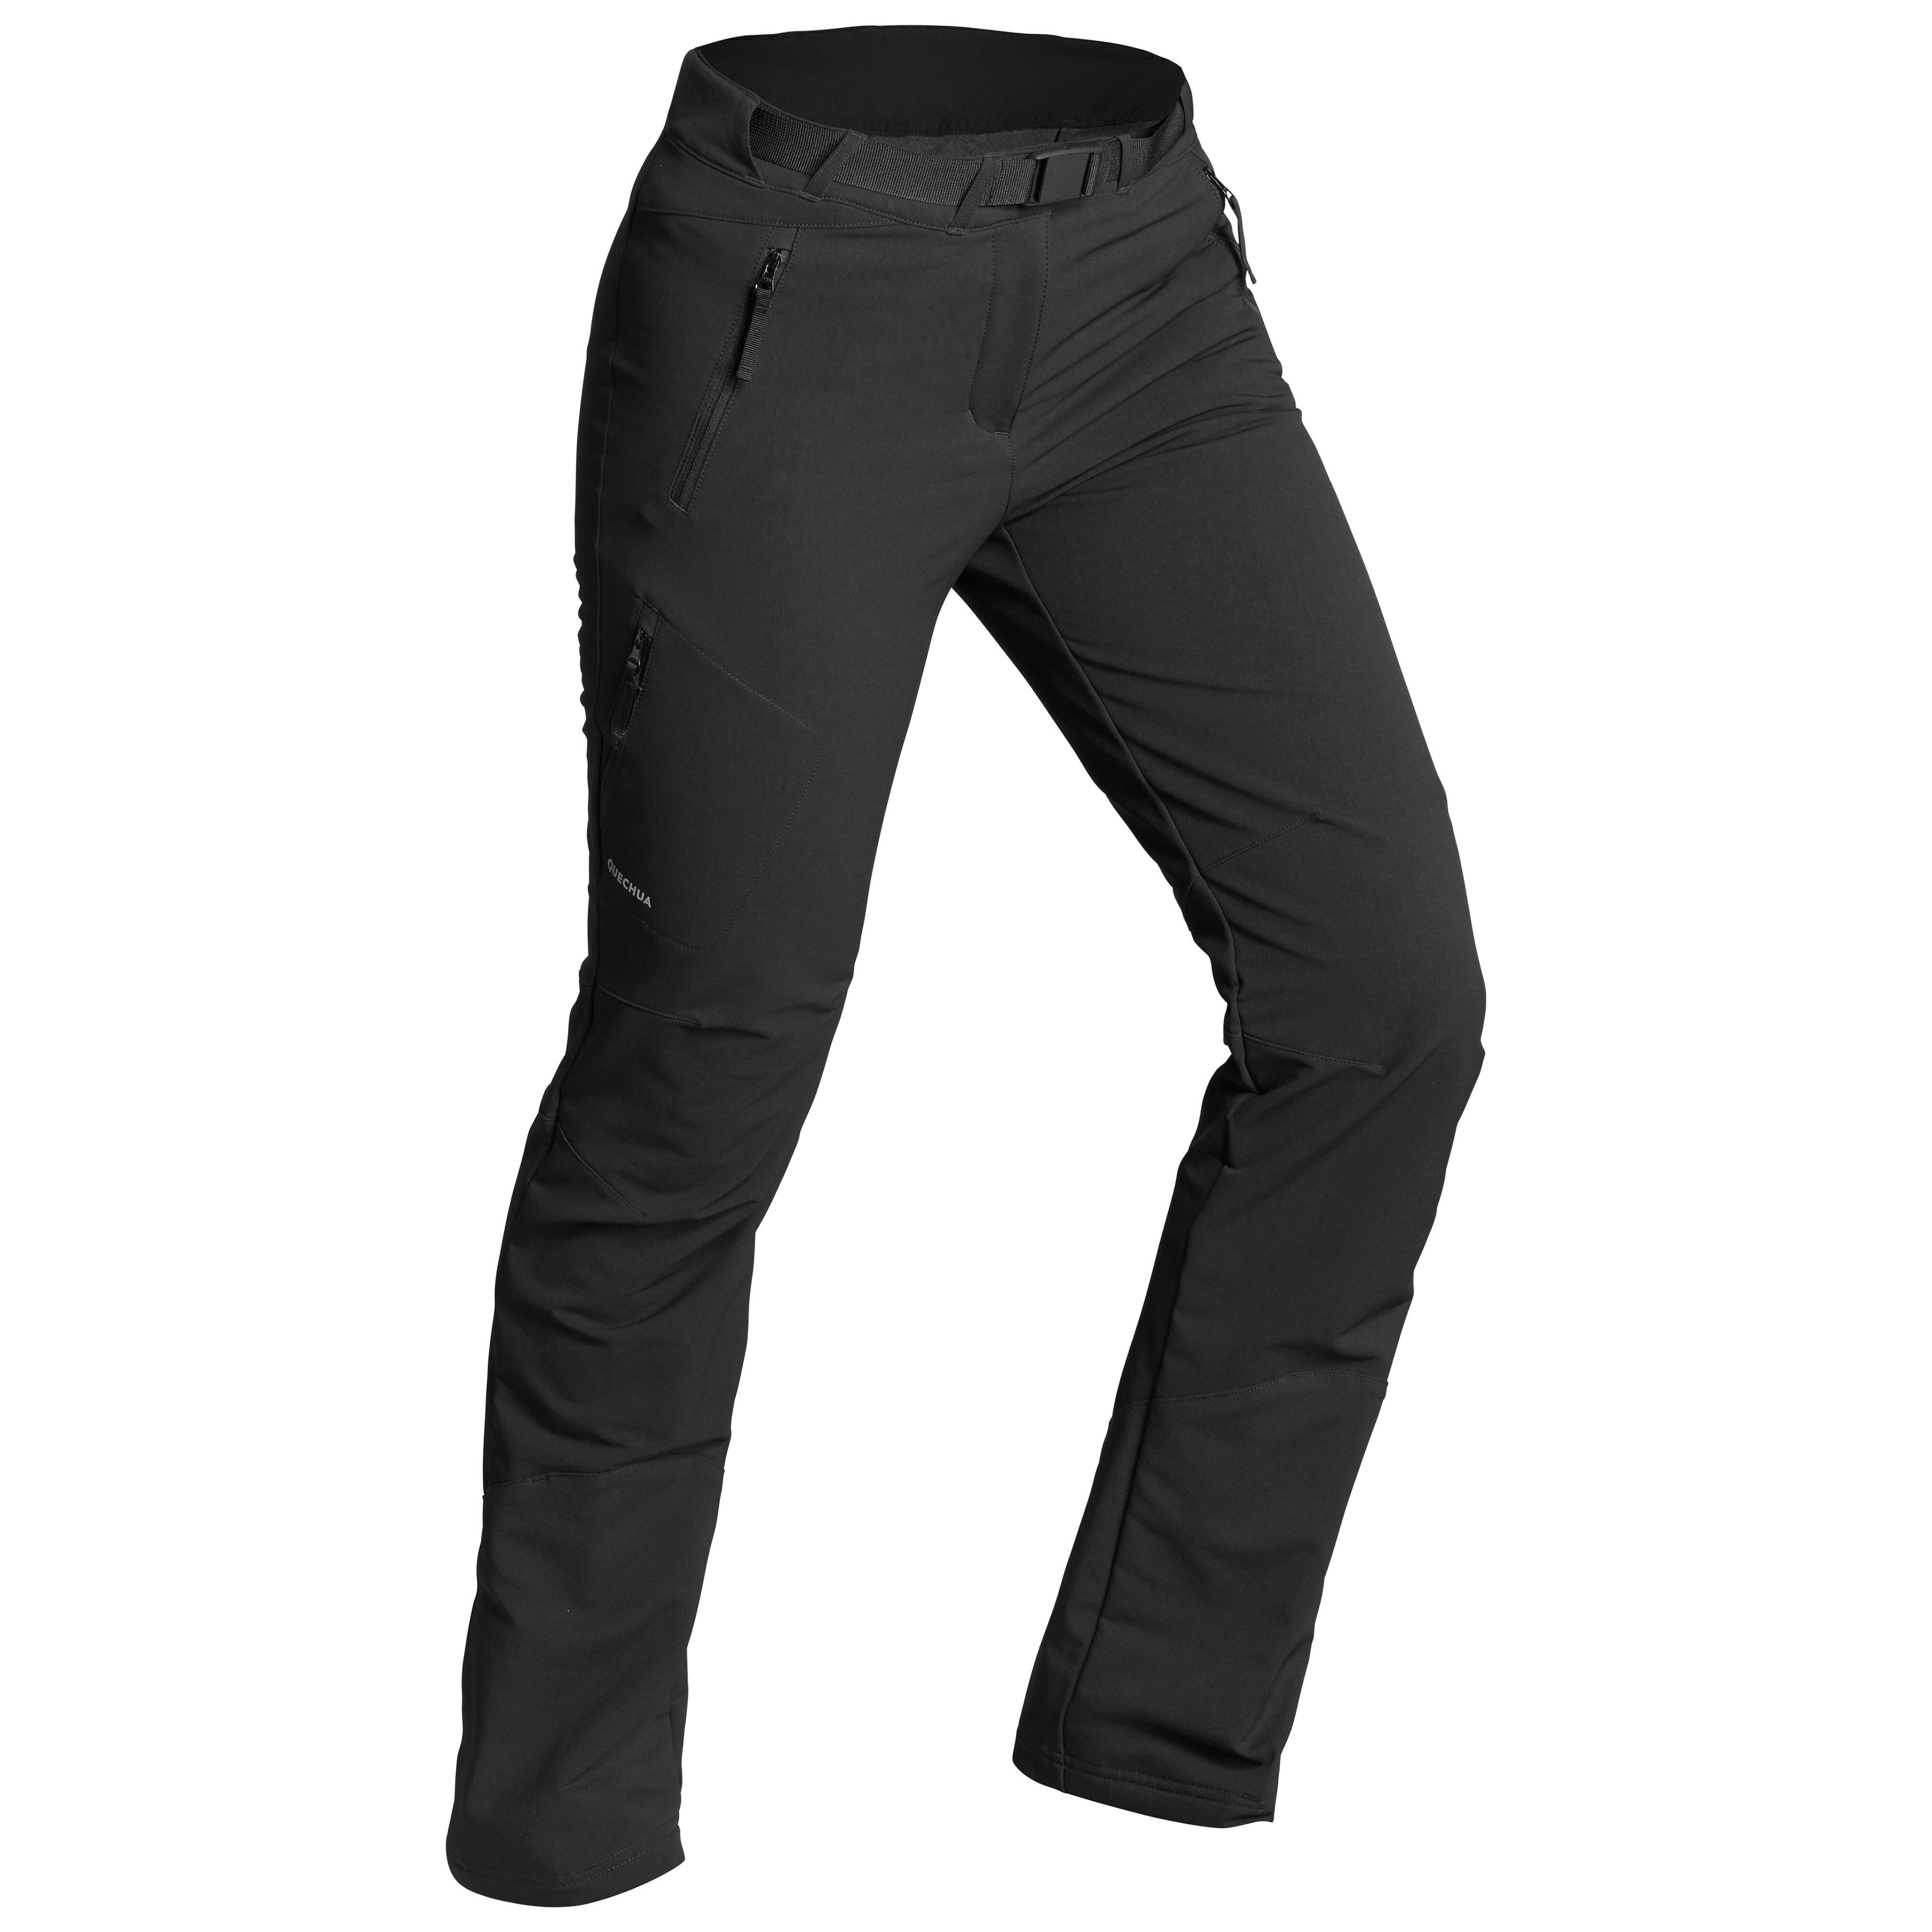 Softshellhose Winterwandern SH500 X-Warm Wasserabweisend Stretch Damen | Sportbekleidung > Sporthosen > Softshellhosen | Quechua